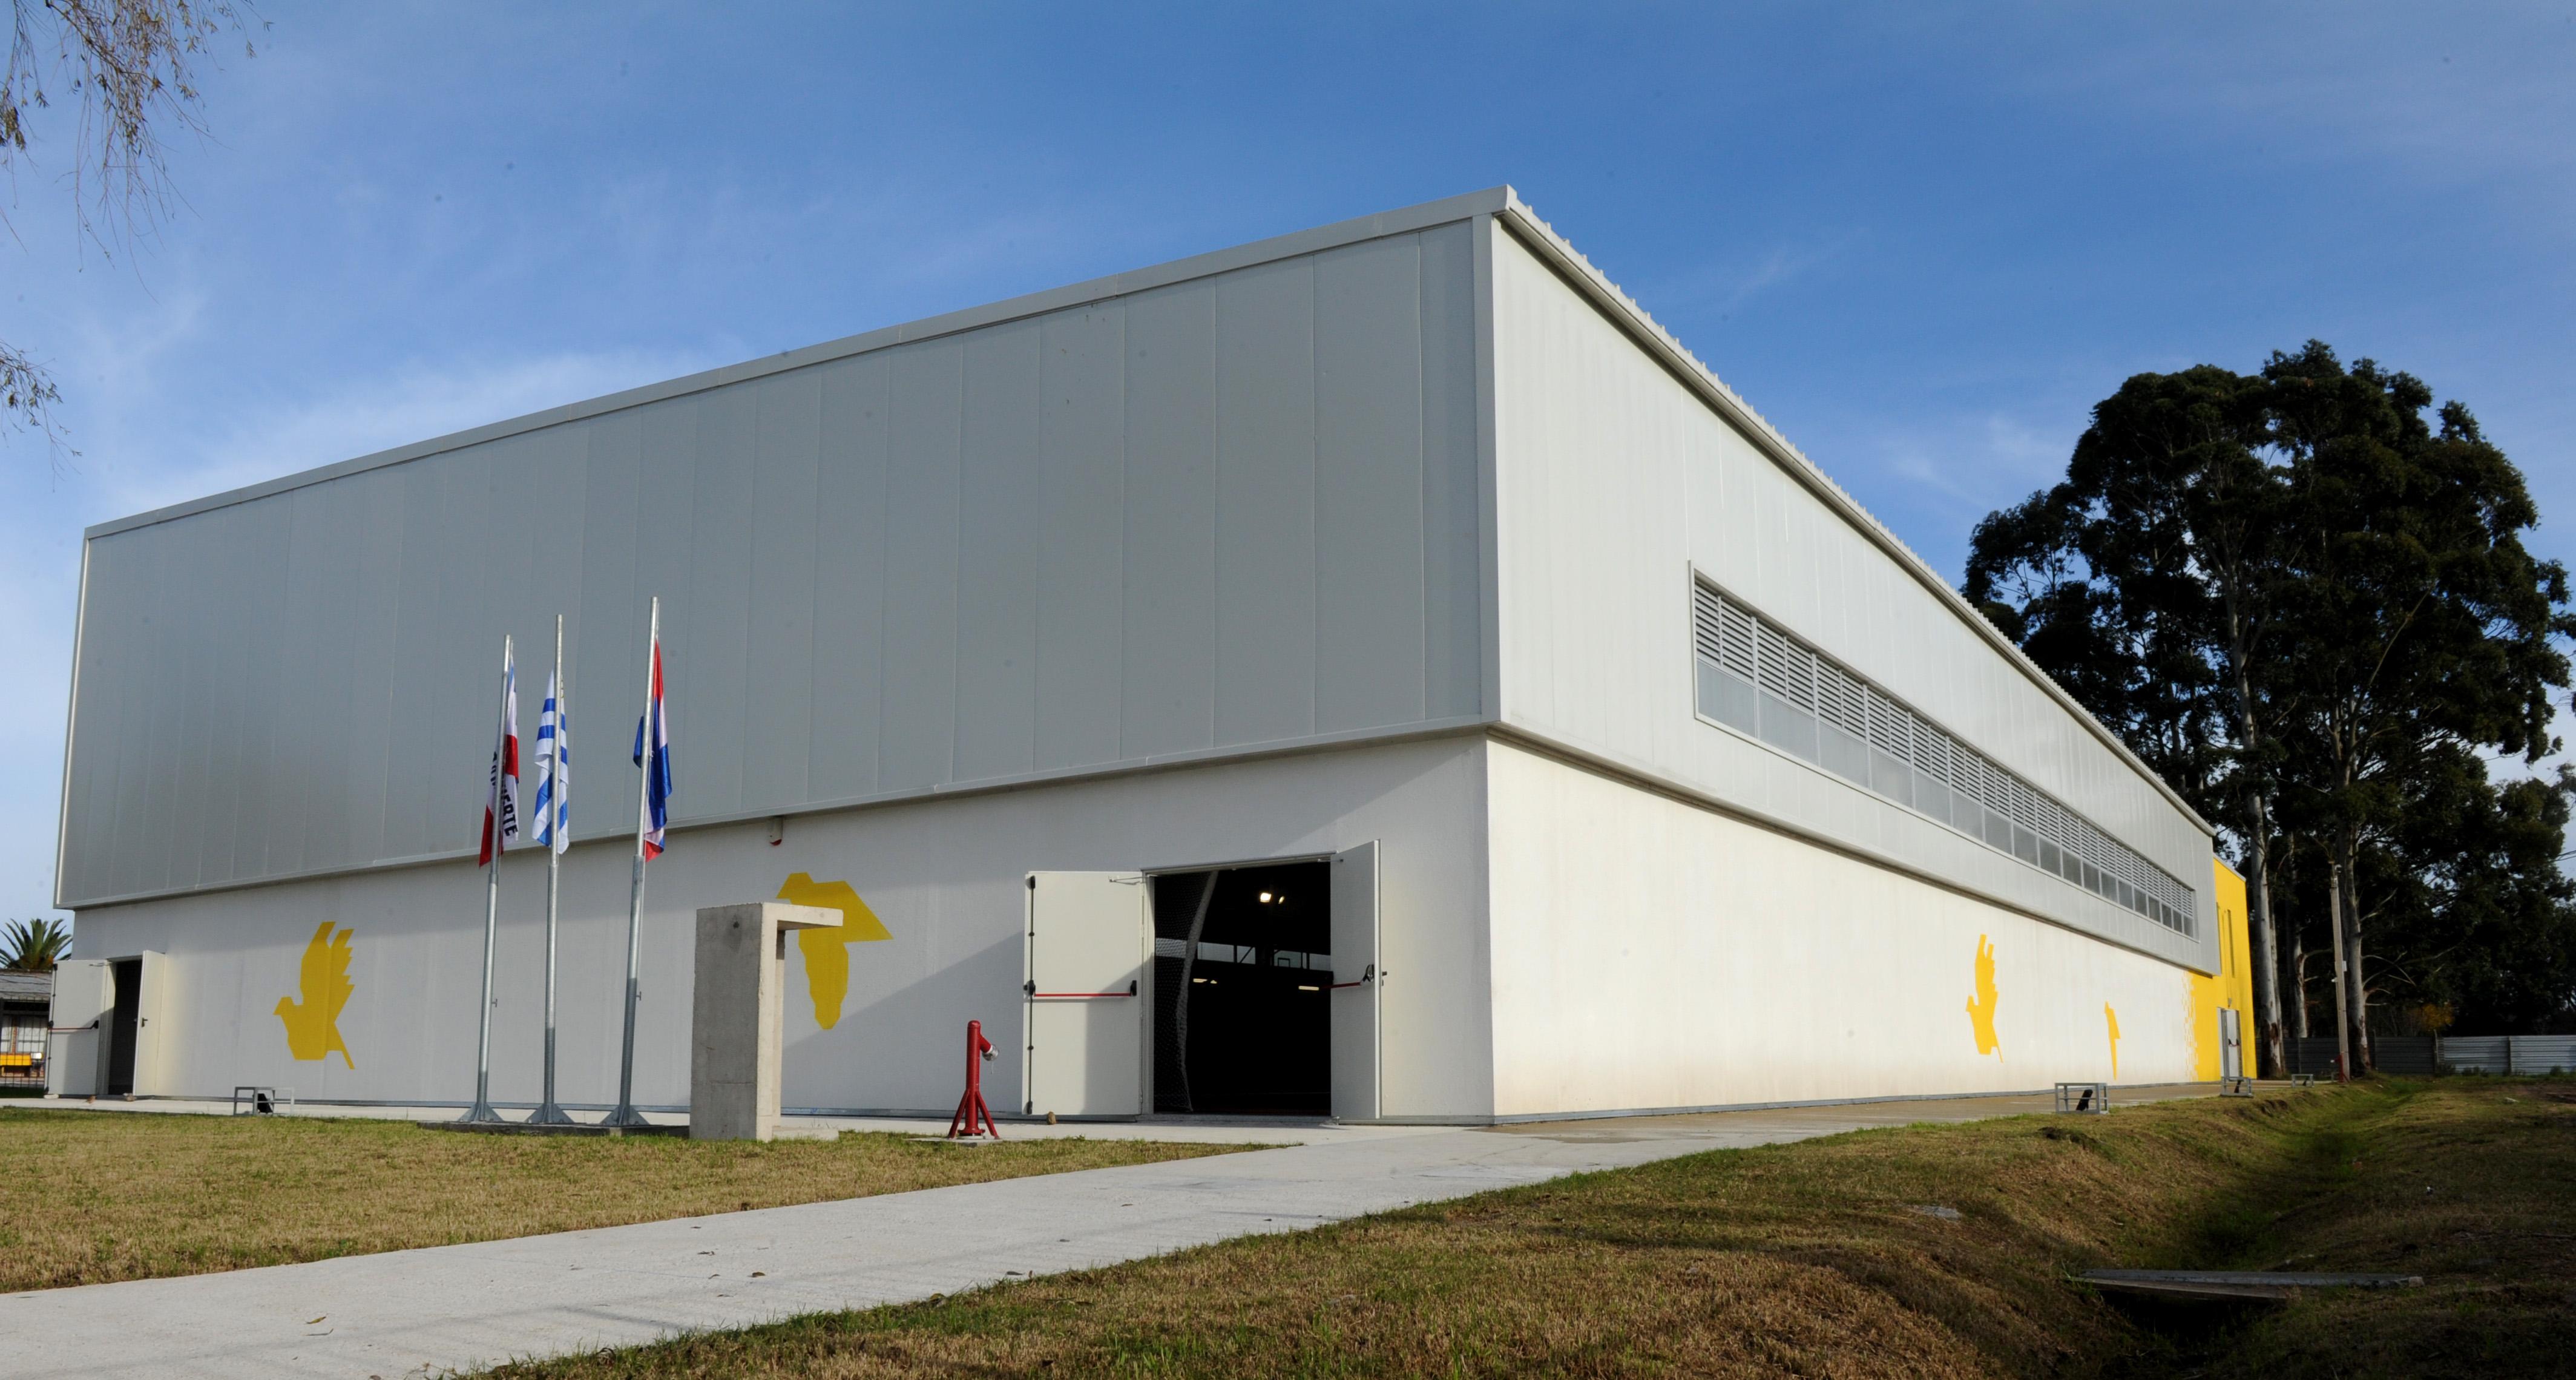 Inauguración del complejo polideportivo en Progreso, Canelones